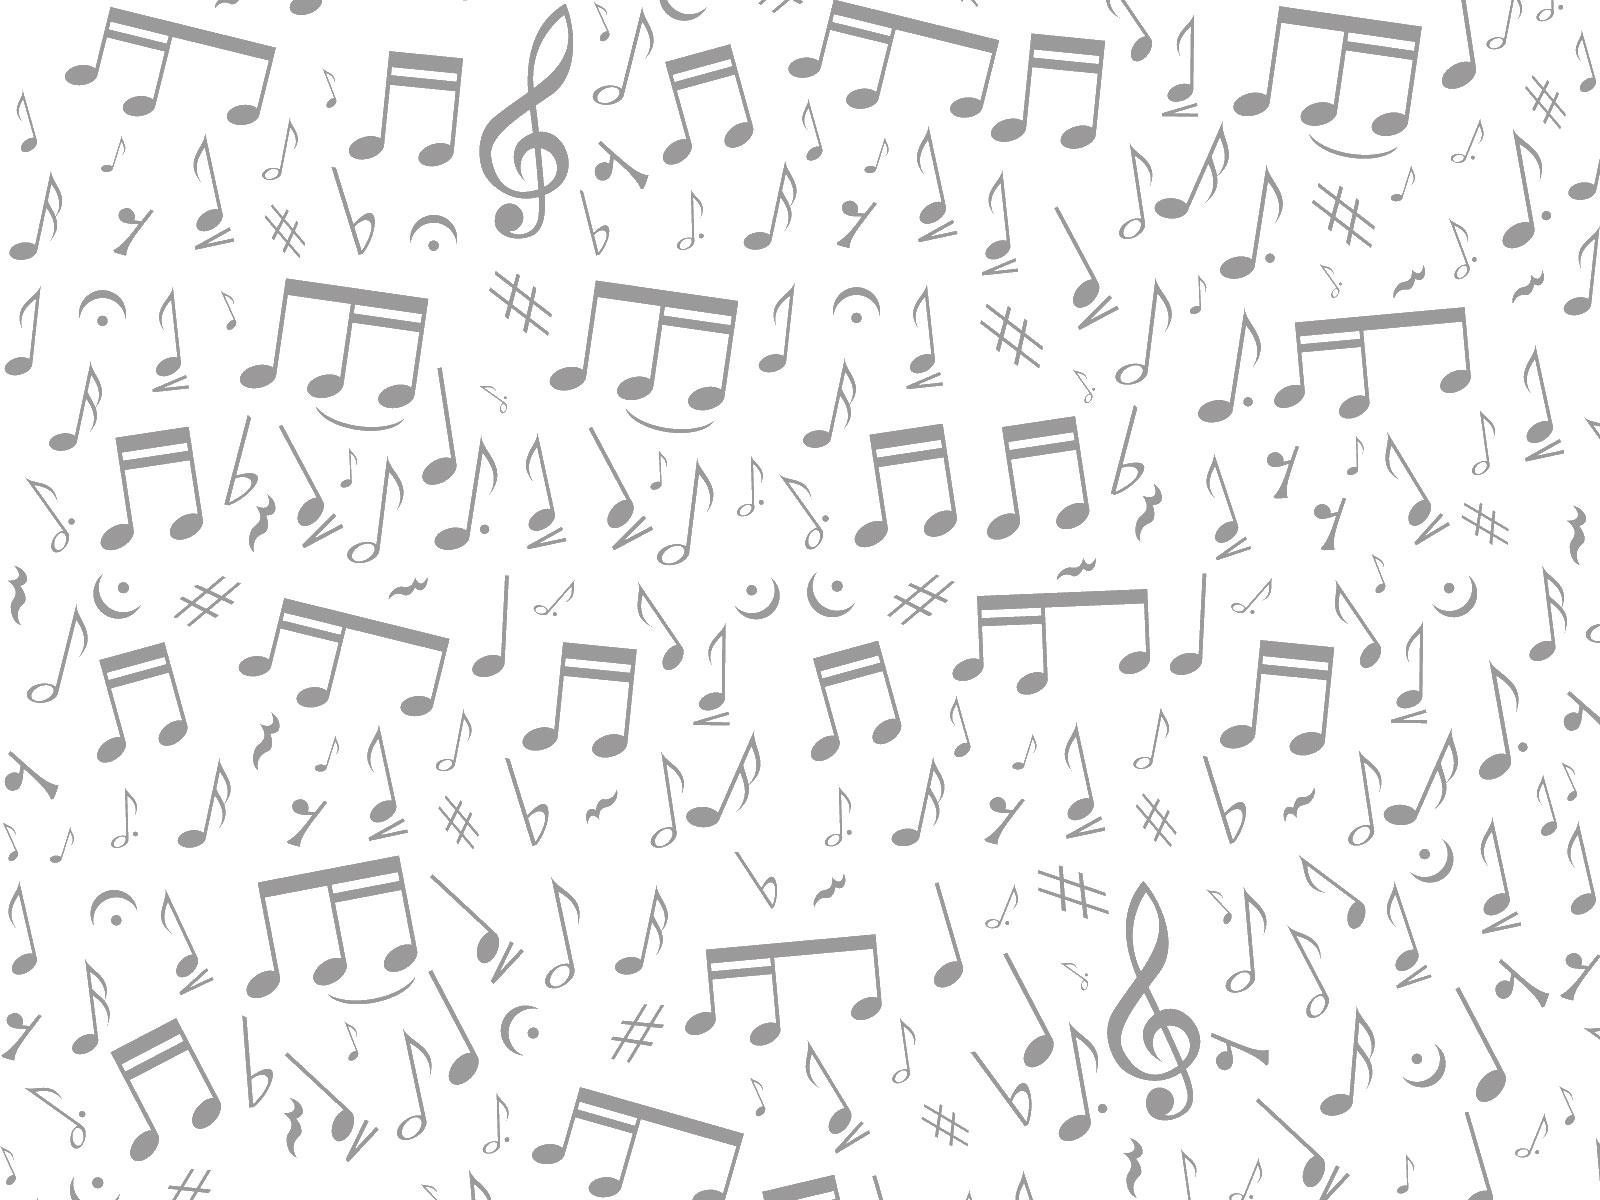 音符イラスト「音符・音楽記号-半透明」- 無料のフリー素材